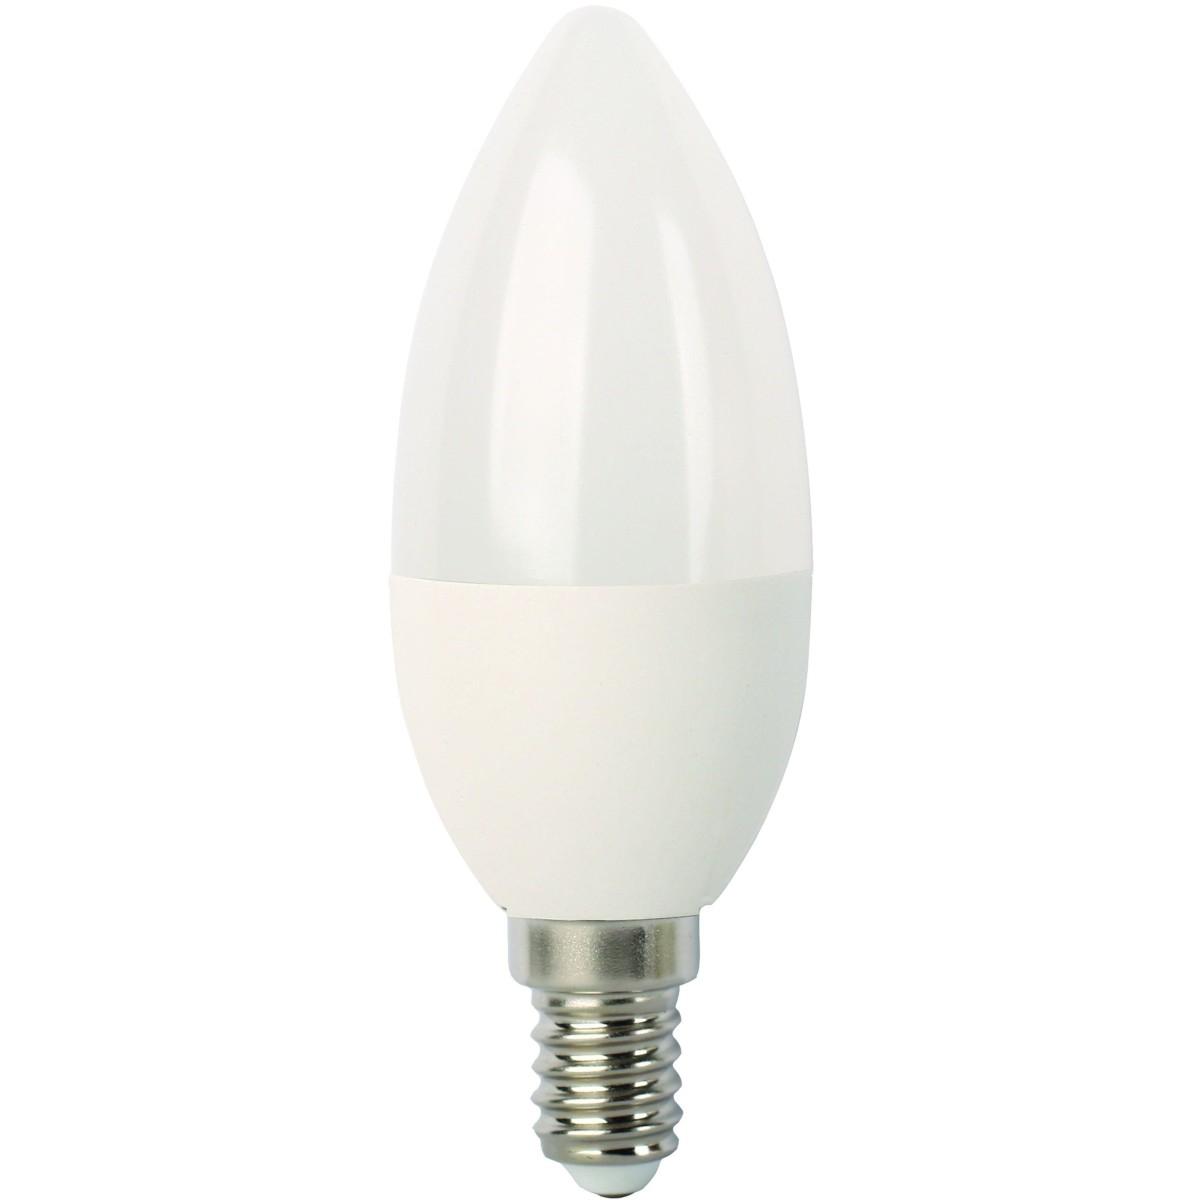 Лампа Ecola light светодионая E14 5 Вт свеча 350 Лм нейтральный свет